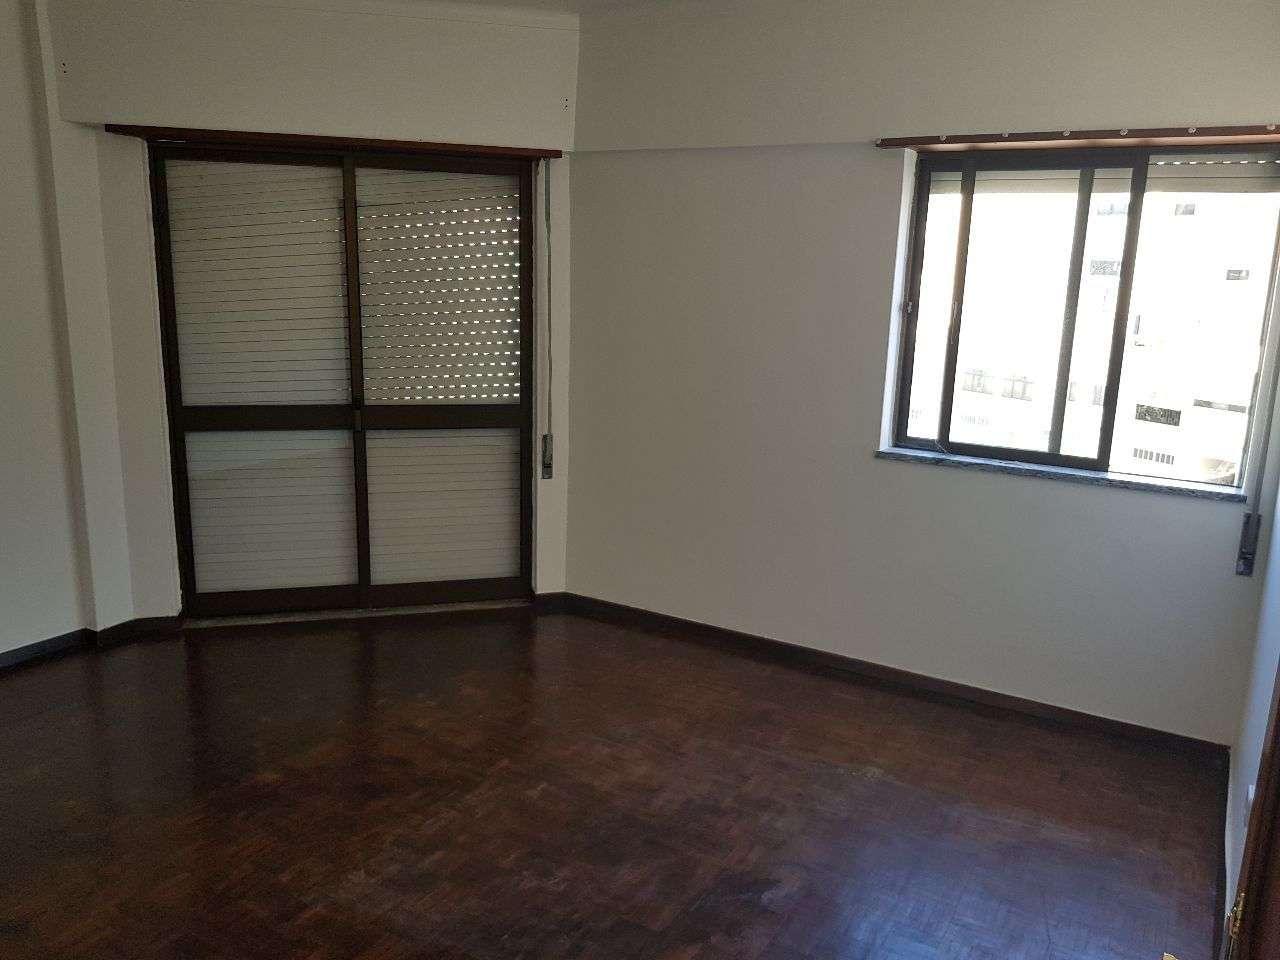 Apartamento para arrendar, Santarém (Marvila), Santa Iria da Ribeira de Santarém, Santarém (São Salvador) e Santarém (São Nicolau), Santarém - Foto 7